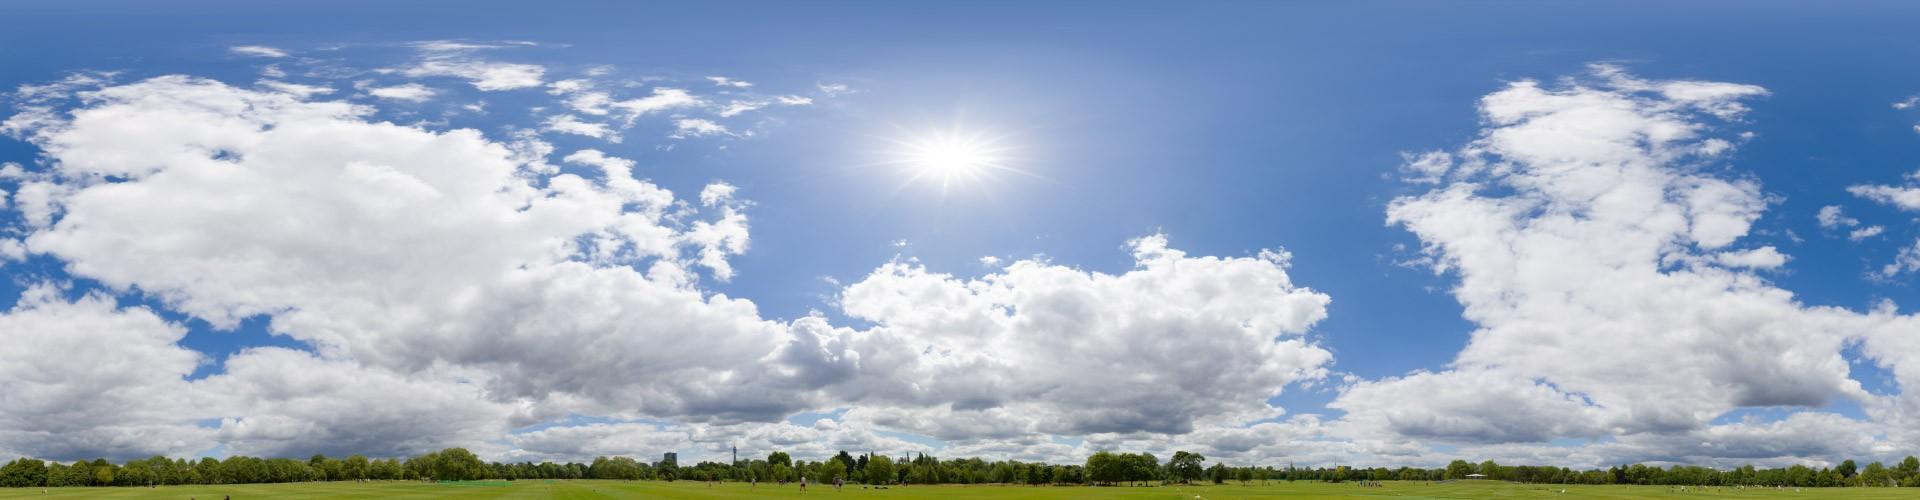 Sunny Clouds 8059 (30k) HDRI